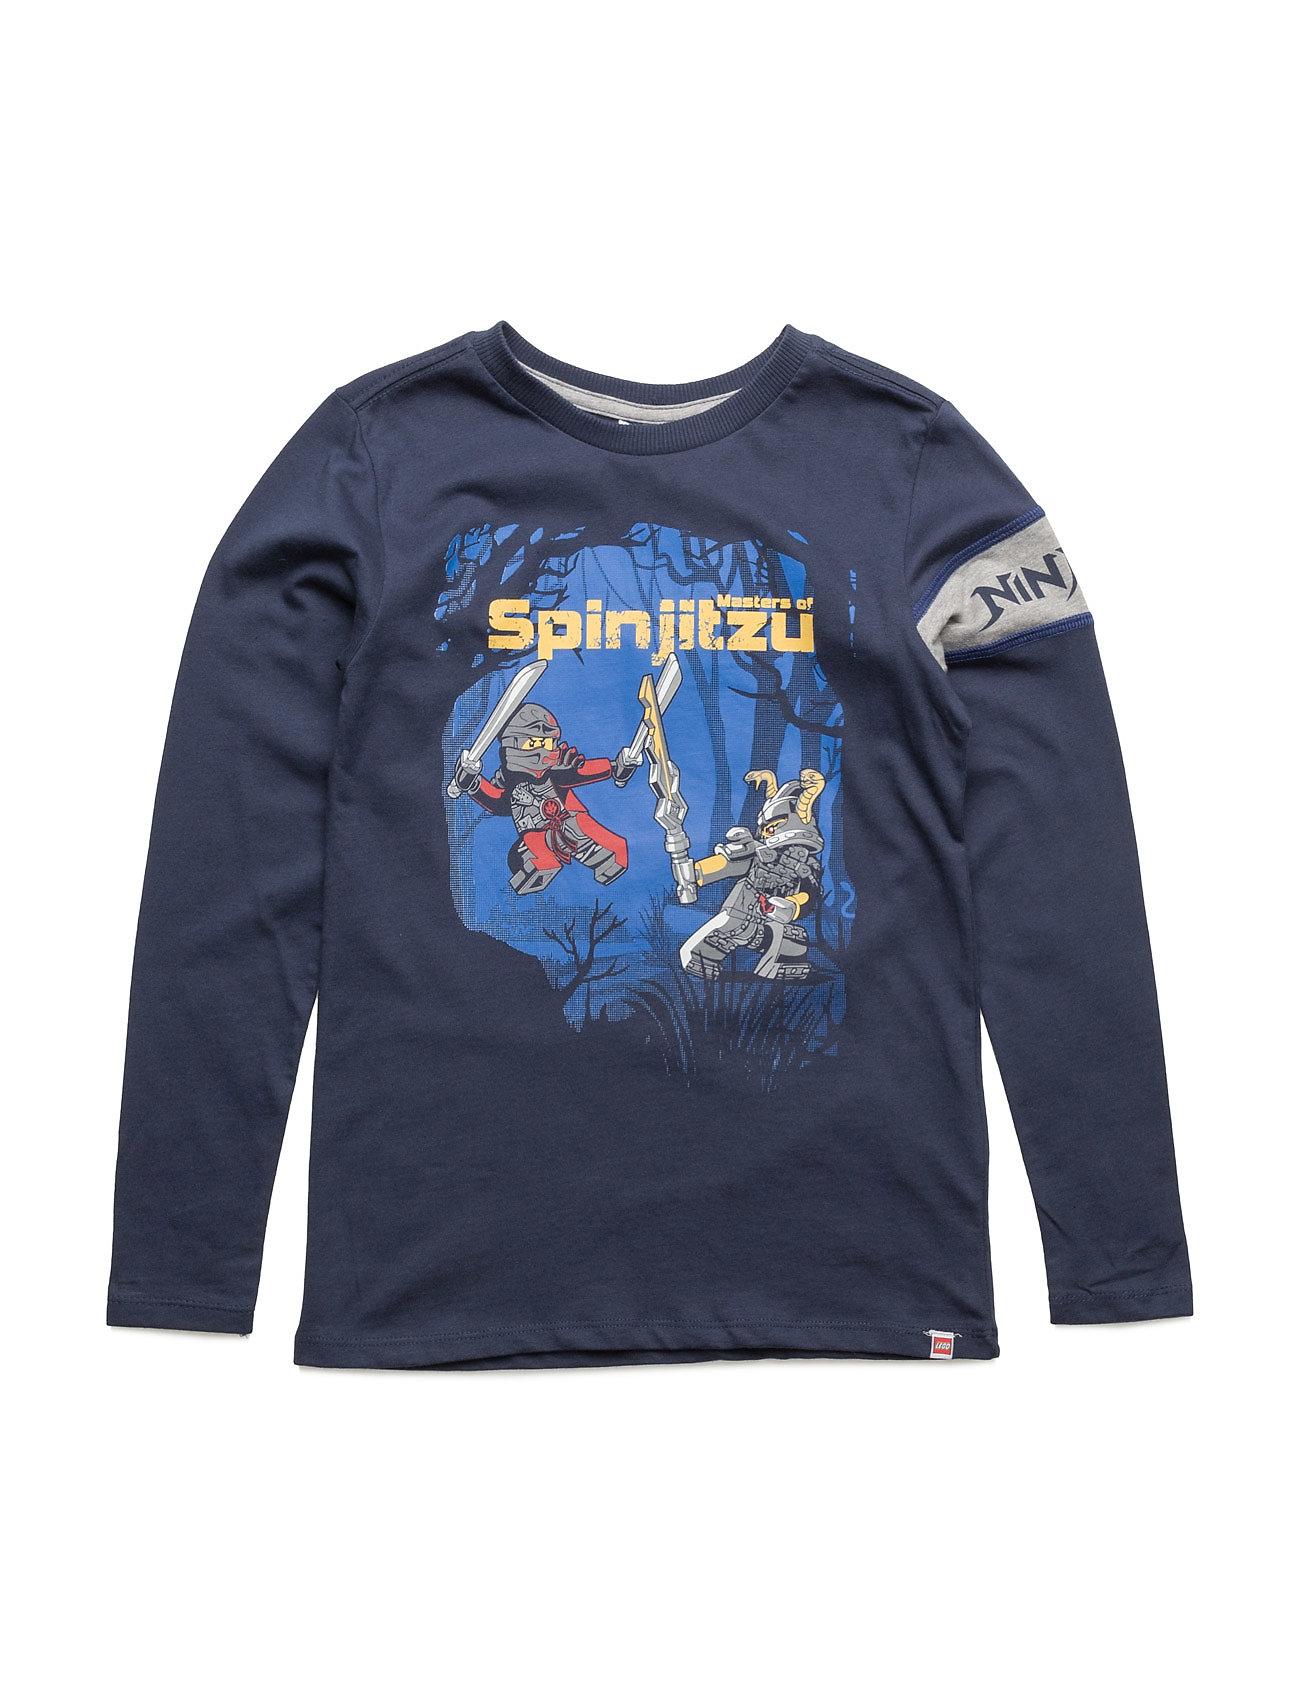 Teo 730 - T-Shirt L/S Lego wear Langærmede t-shirts til Børn i Mørk Navy